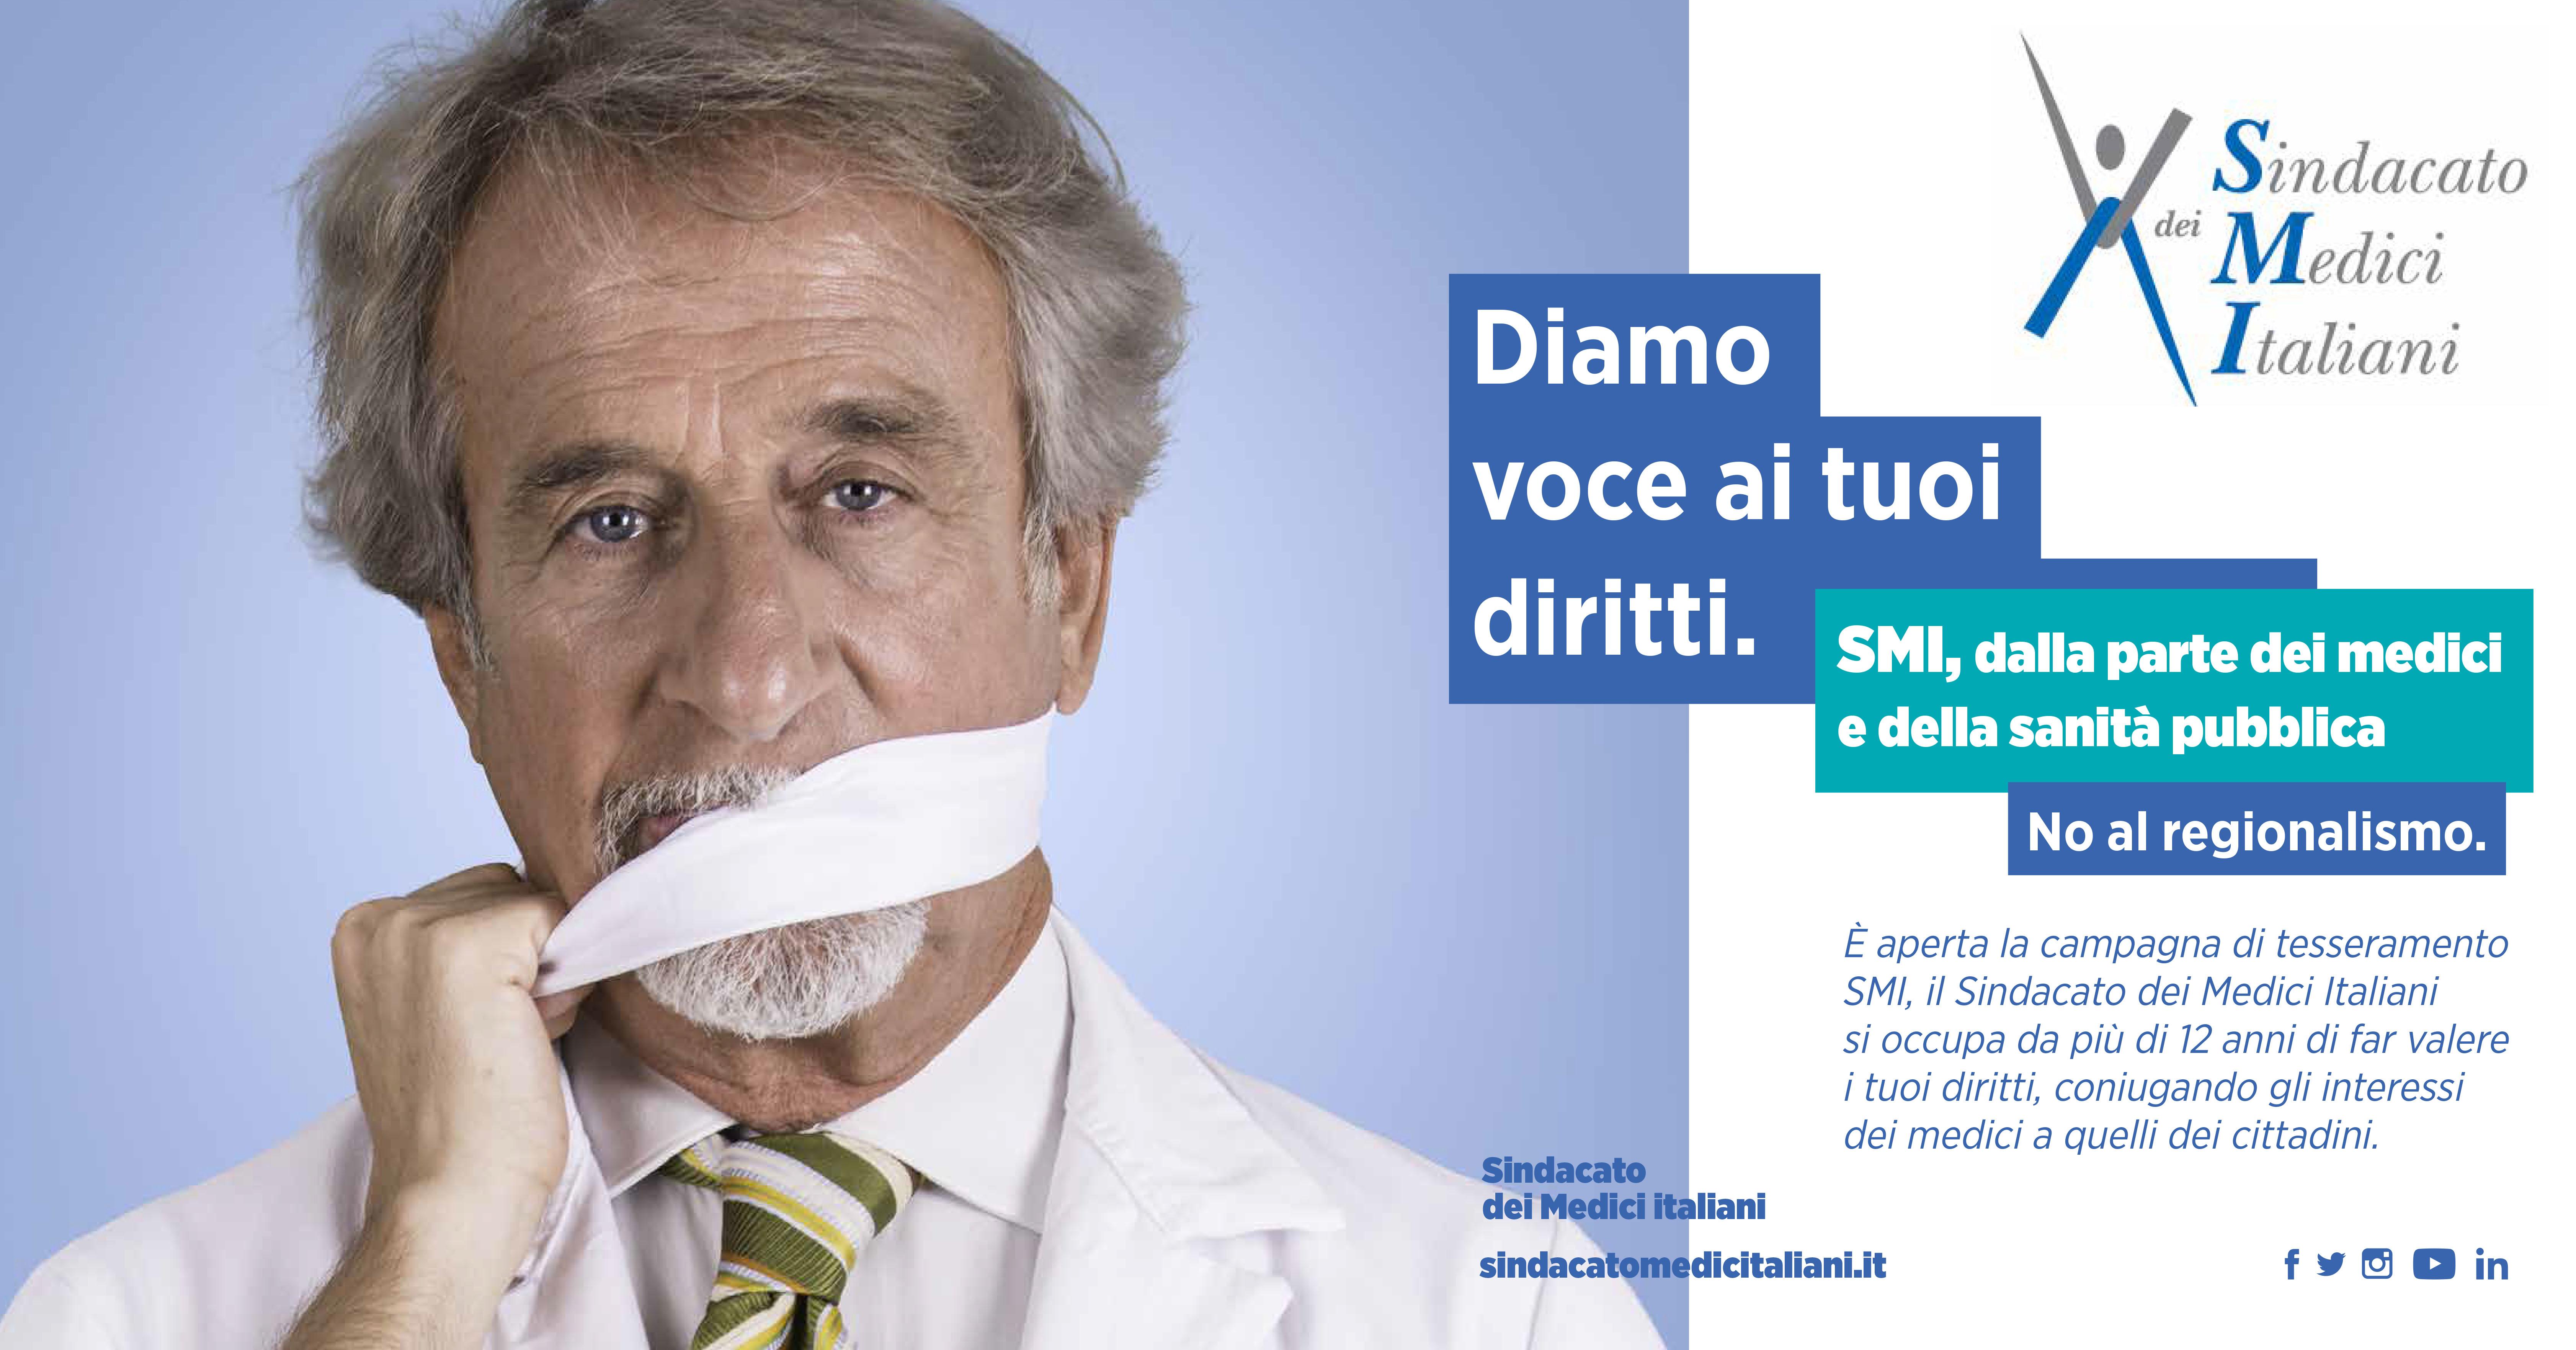 Video – SMI: campagna tesseramenti 2019